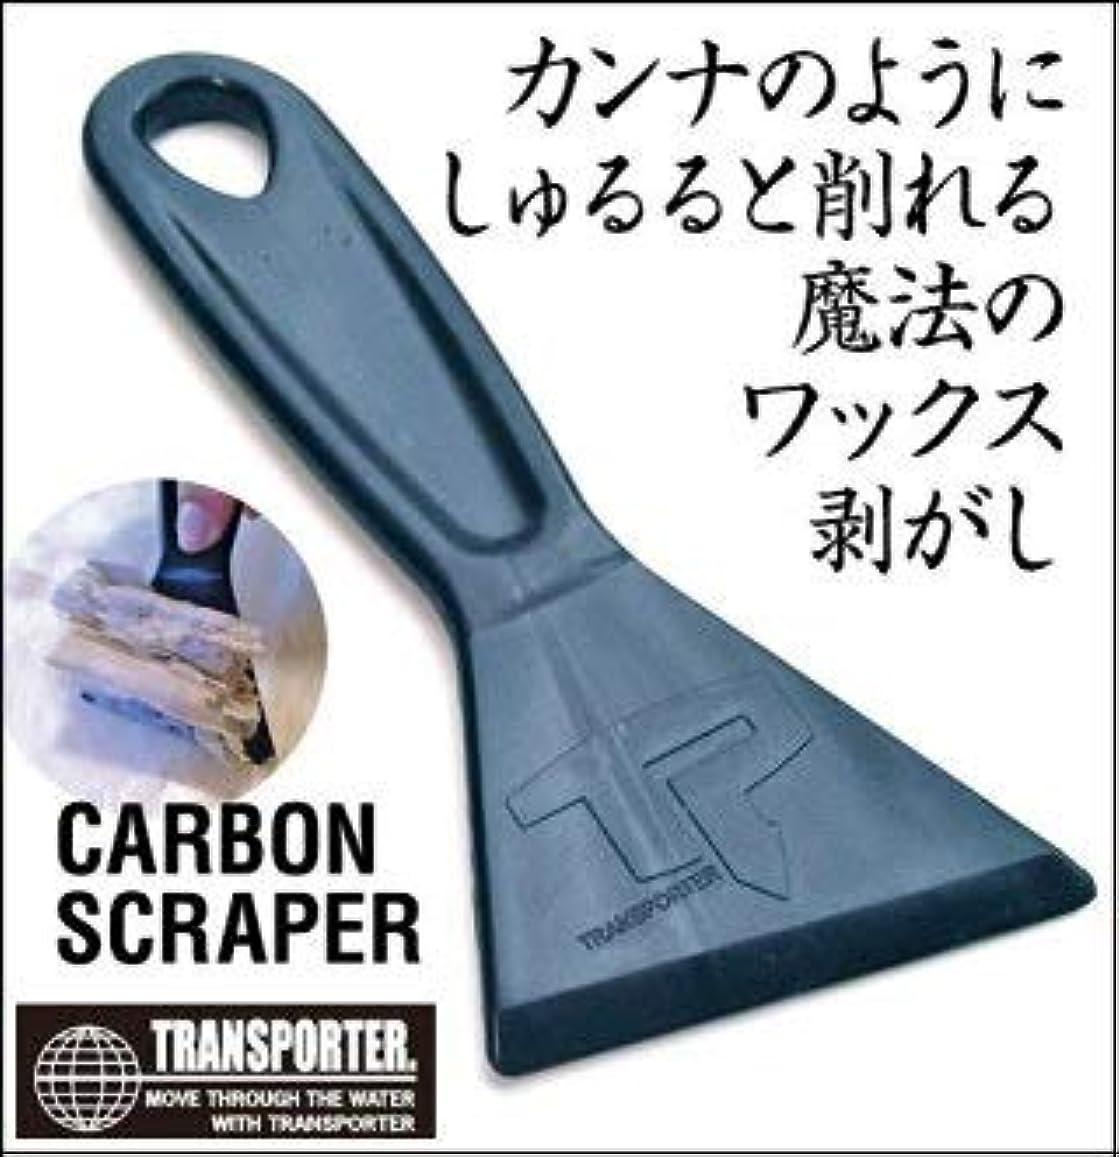 マイクロ放散する責任者TRANSPORTER トランスポーターカーボンスクレイパー CARBON SCRAPER サーフィン用WAXリムーバー